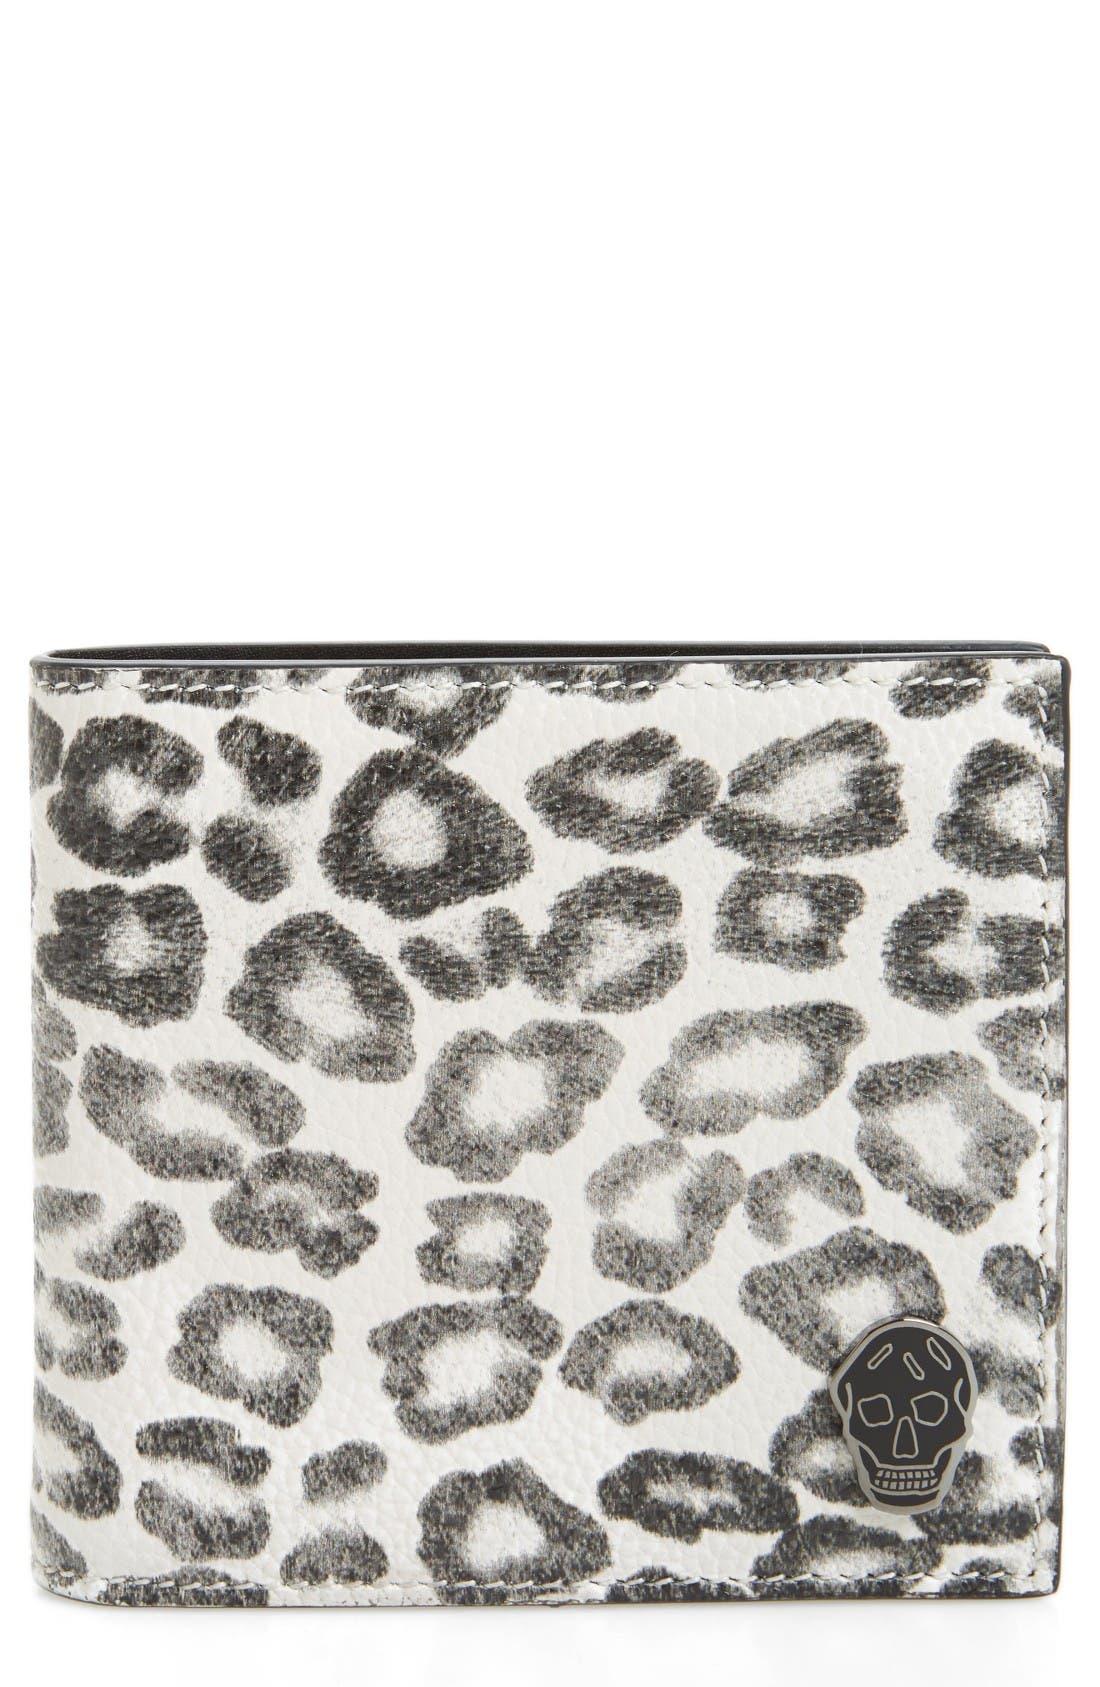 Alexander McQueen Leopard Print Leather Wallet